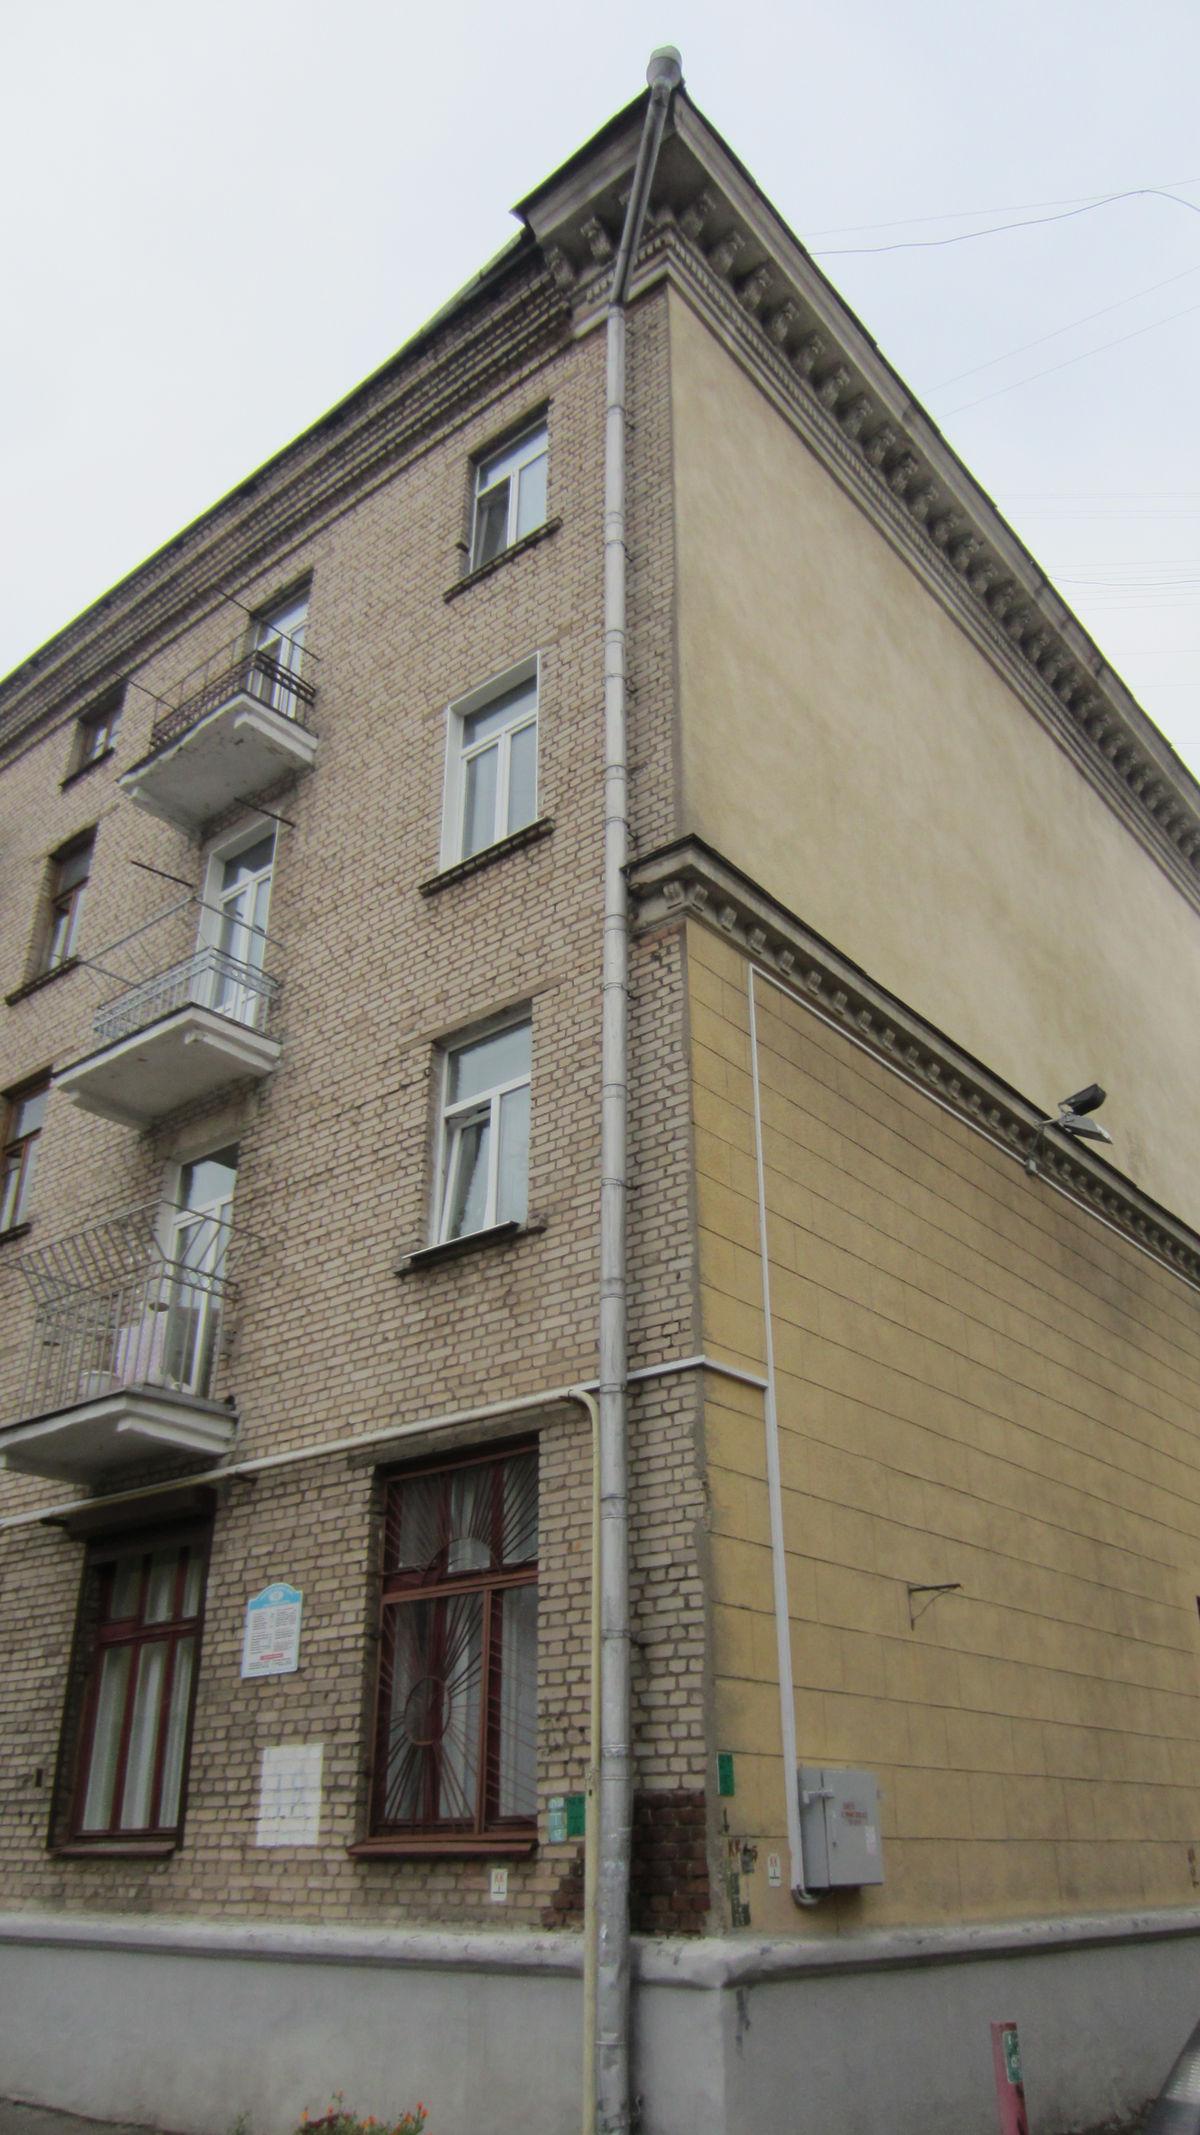 Популярная мера - красиво оформить только парадную сторону дома. Такое и в Москв встречается